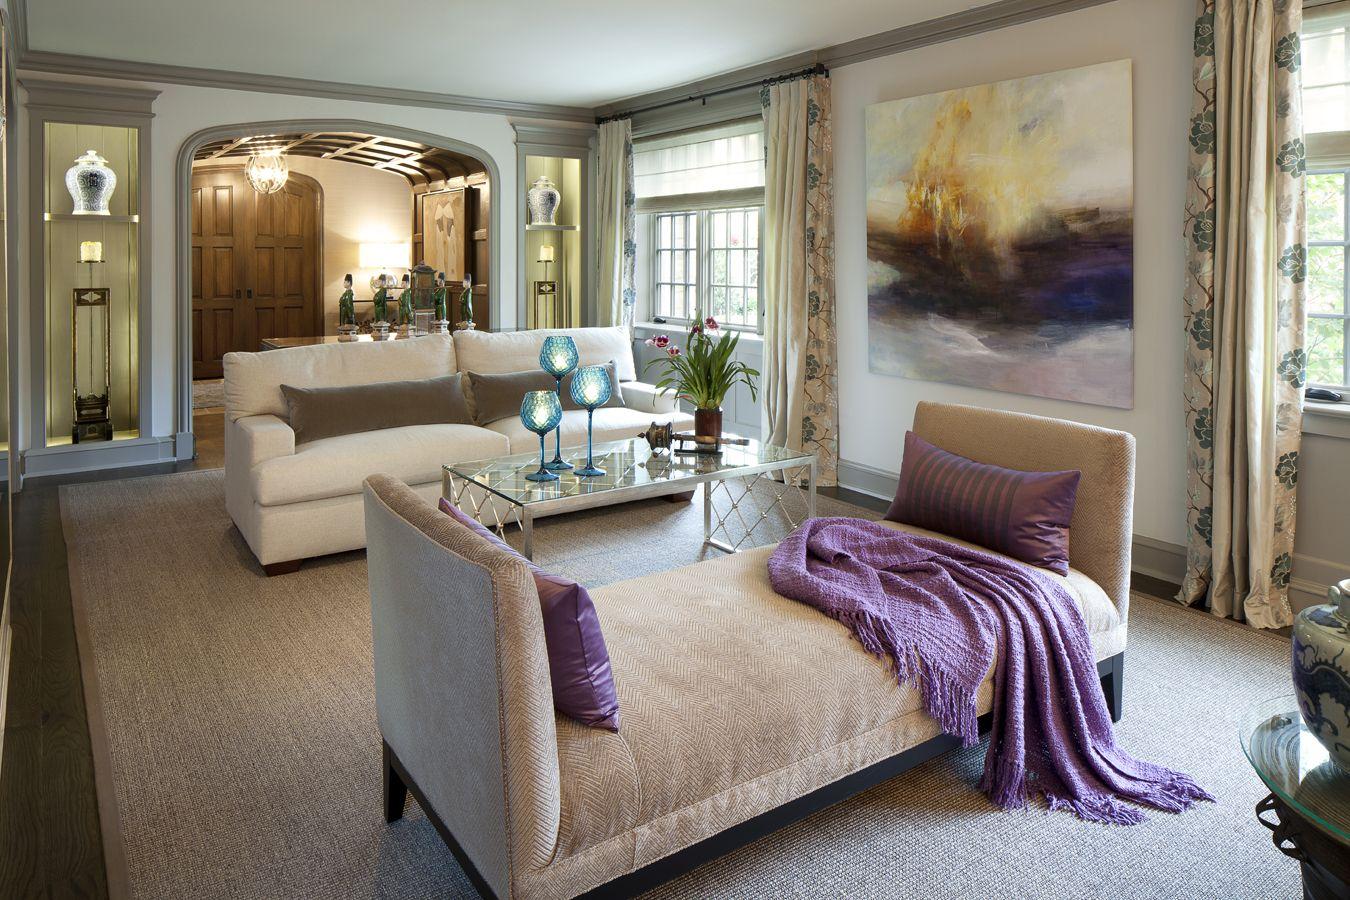 Chicago Interior Designers | Chicago Interior Design Firm ...